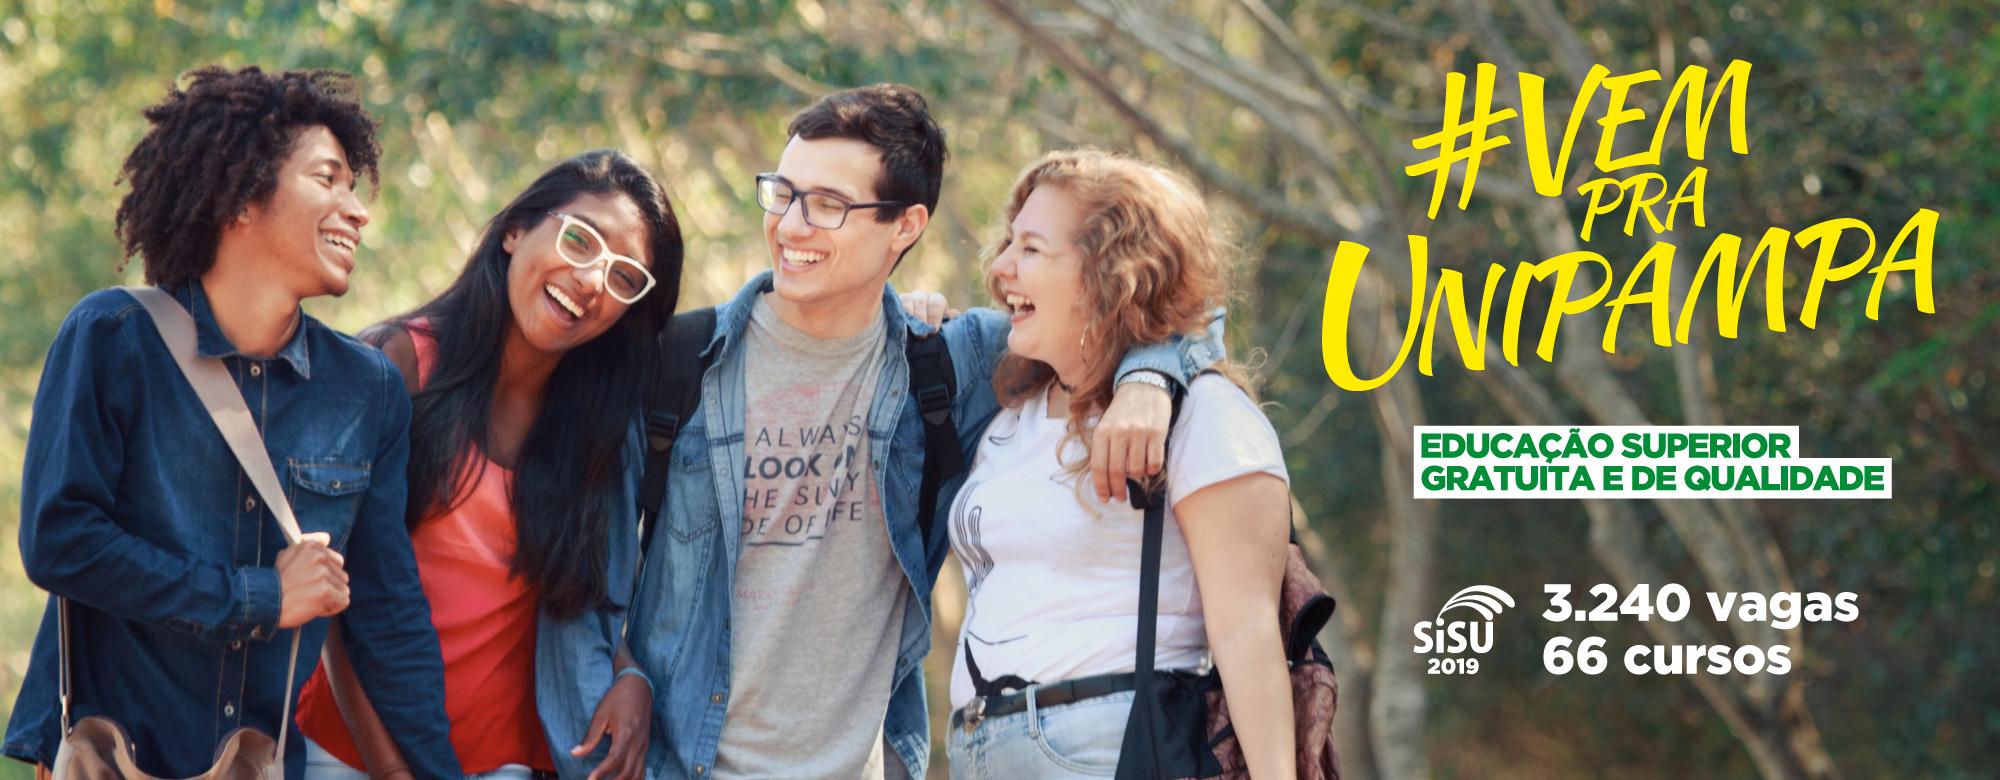 #VemPraUnipampa: Educação Superior Gratuita e de Qualidade. Sisu 2019: 3.240 vagas e 60 cursos.